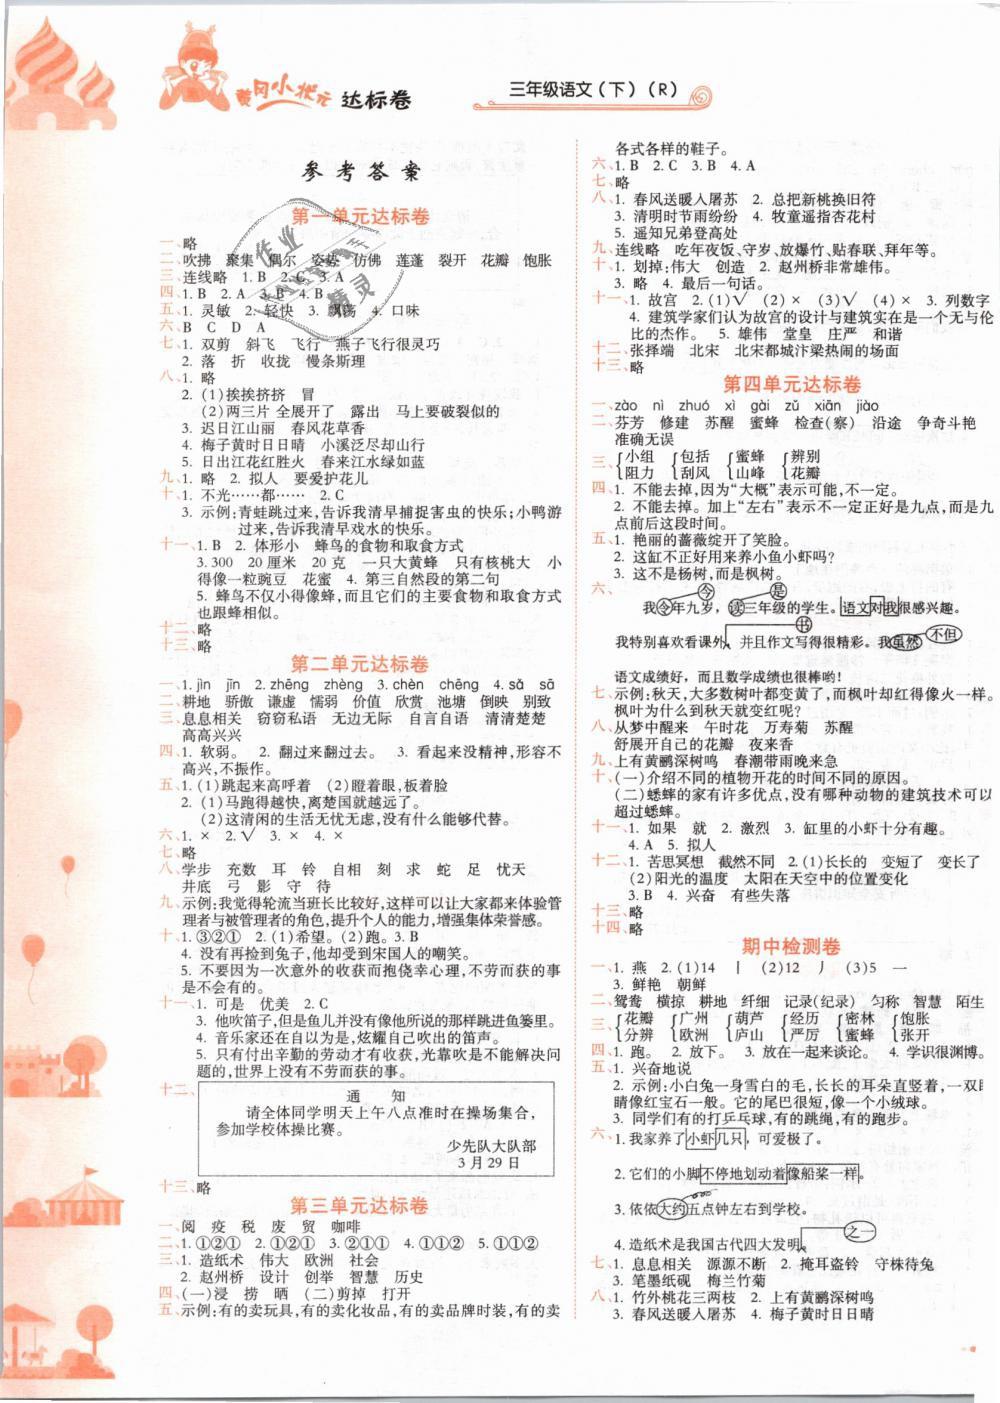 2019年黃岡小狀元達標卷三年級語文下冊人教版第1頁